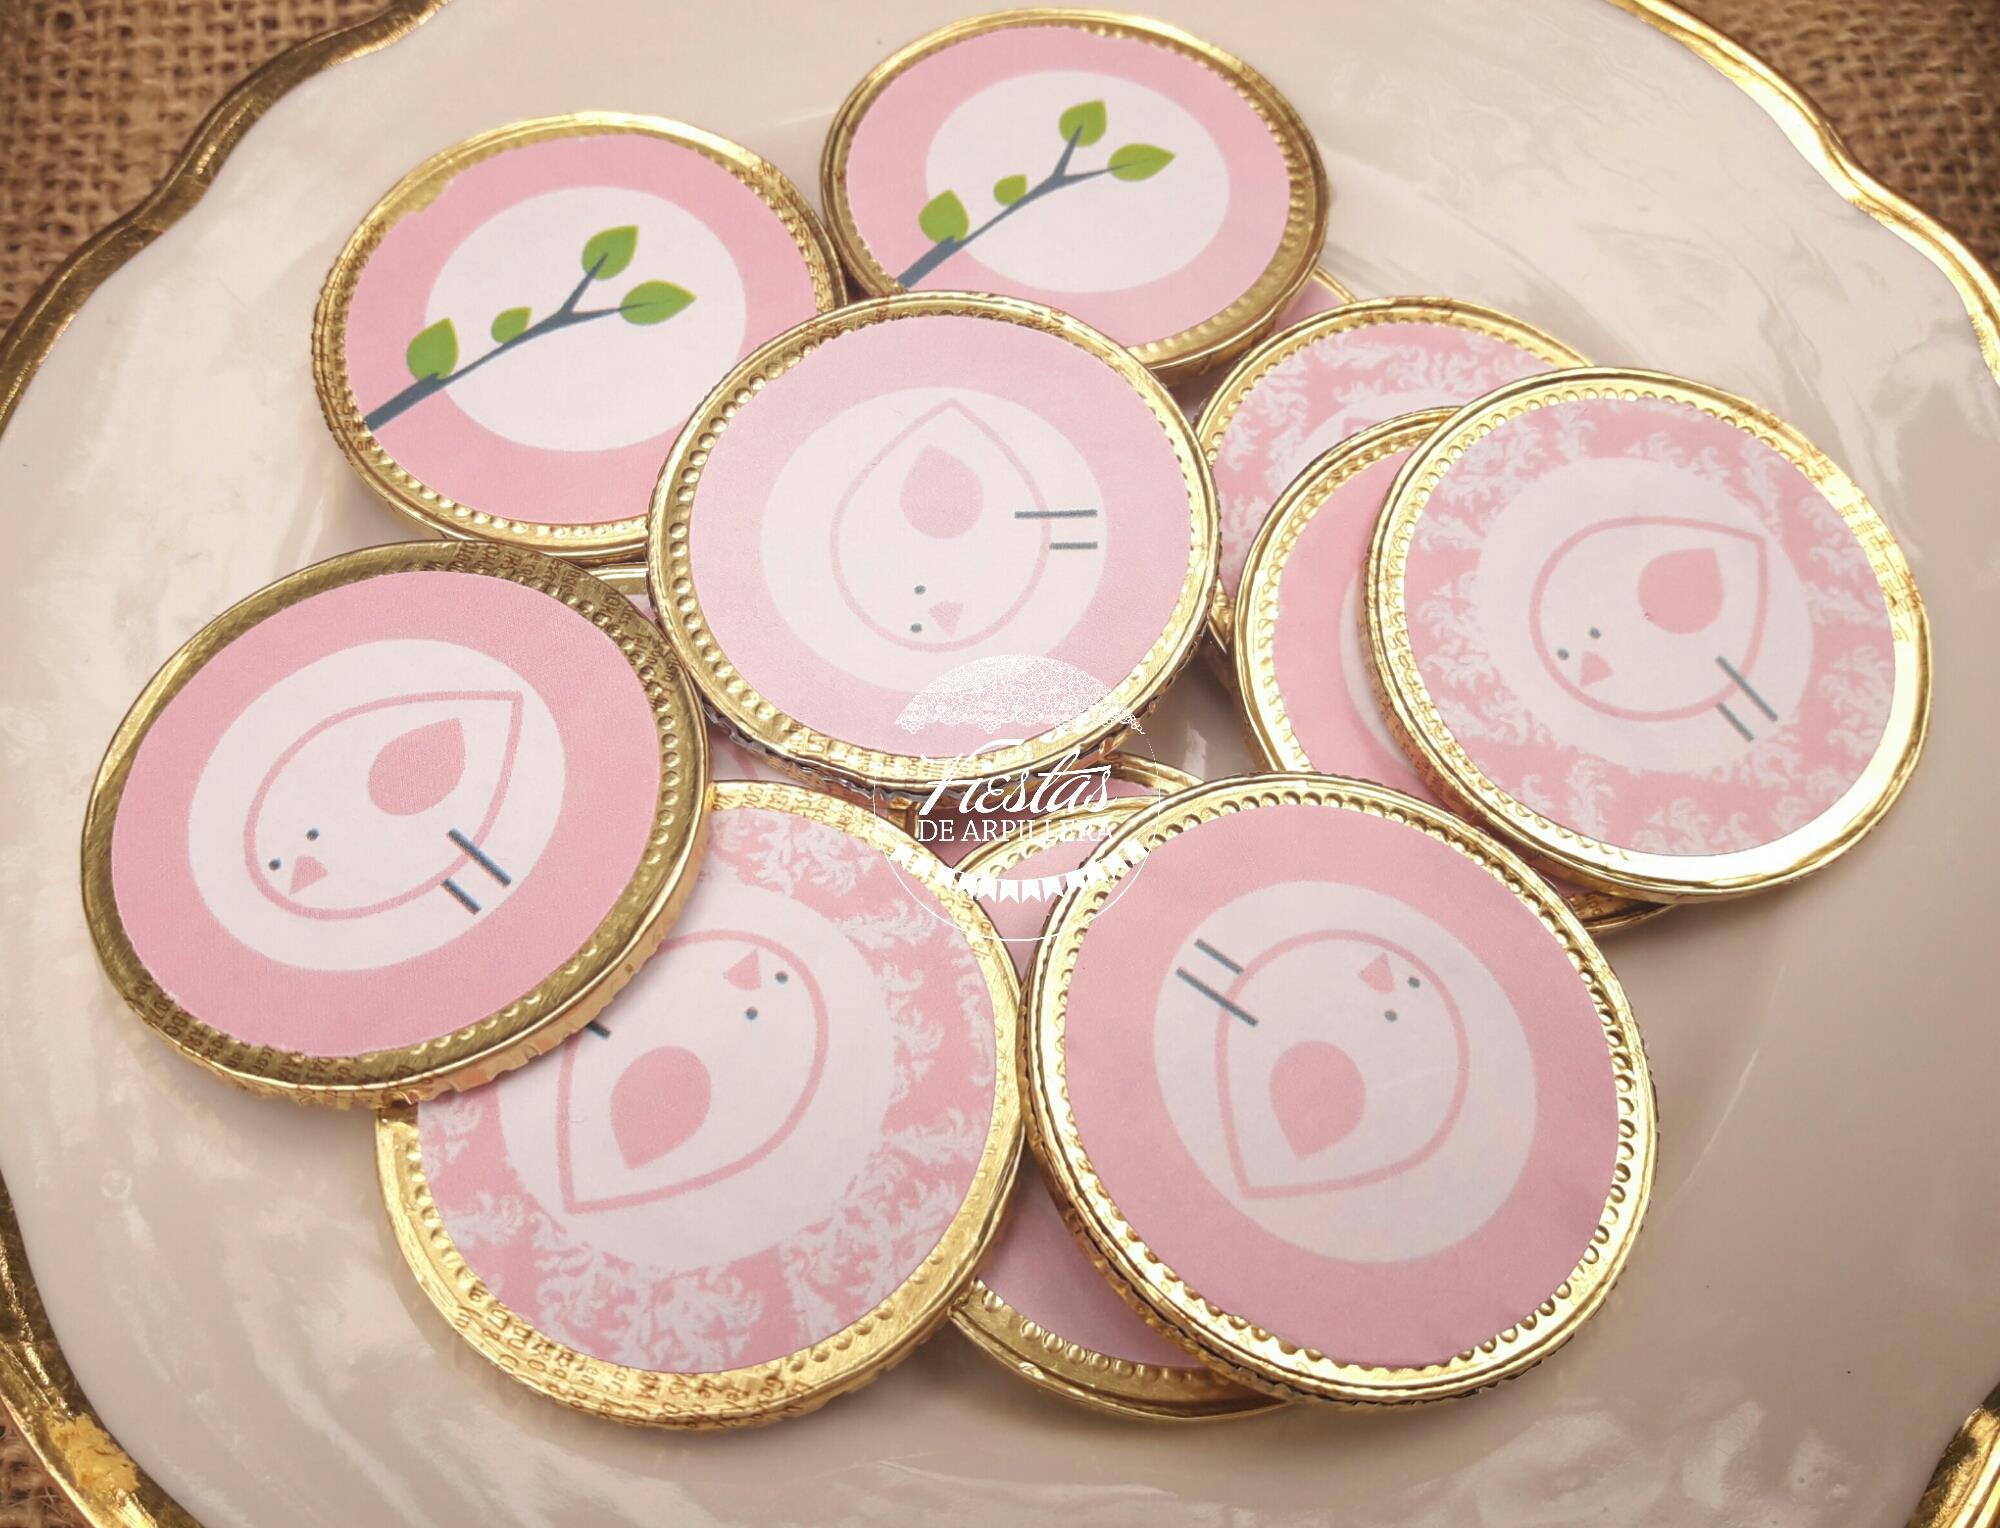 Moneditas de chocolate decoradas con imprimibles pajaritos Todo Bonito